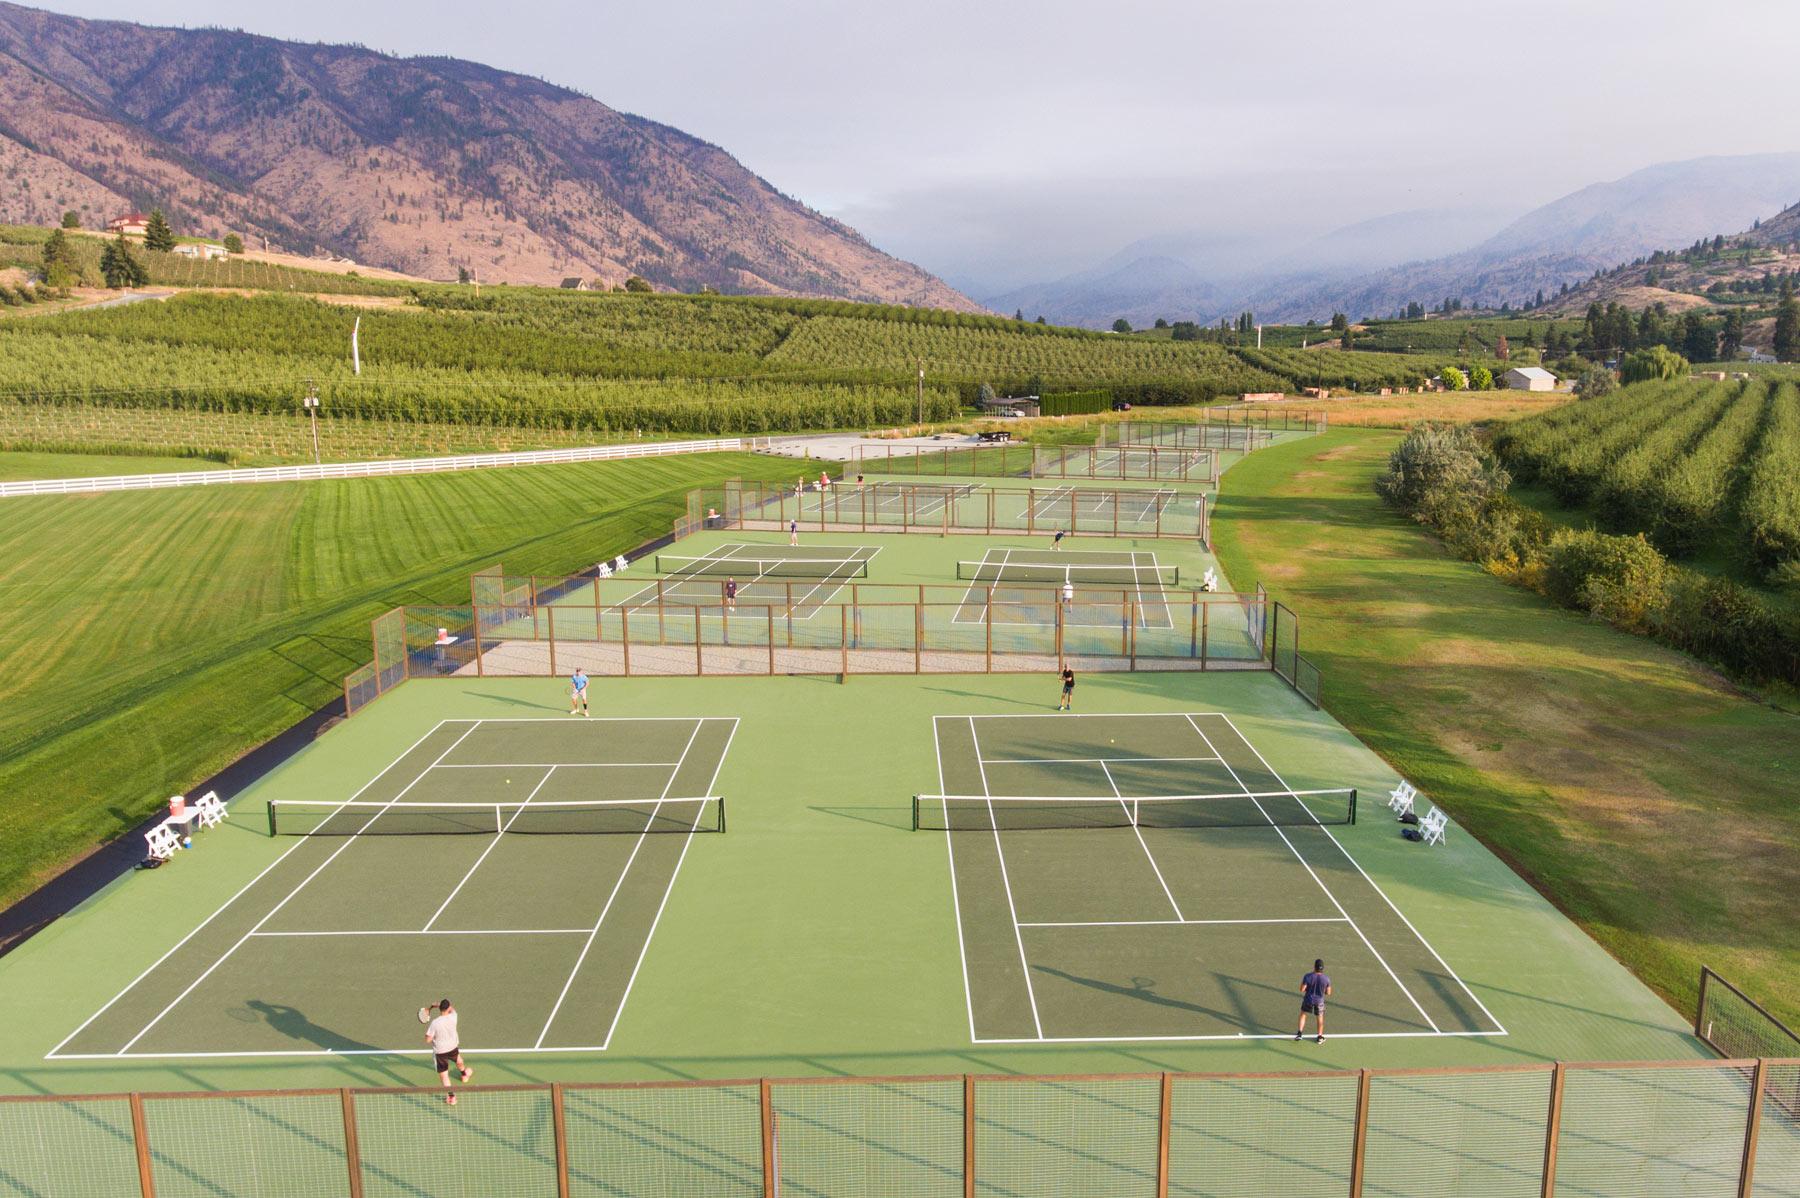 Lake Chelan Tennis Harmony Meadows